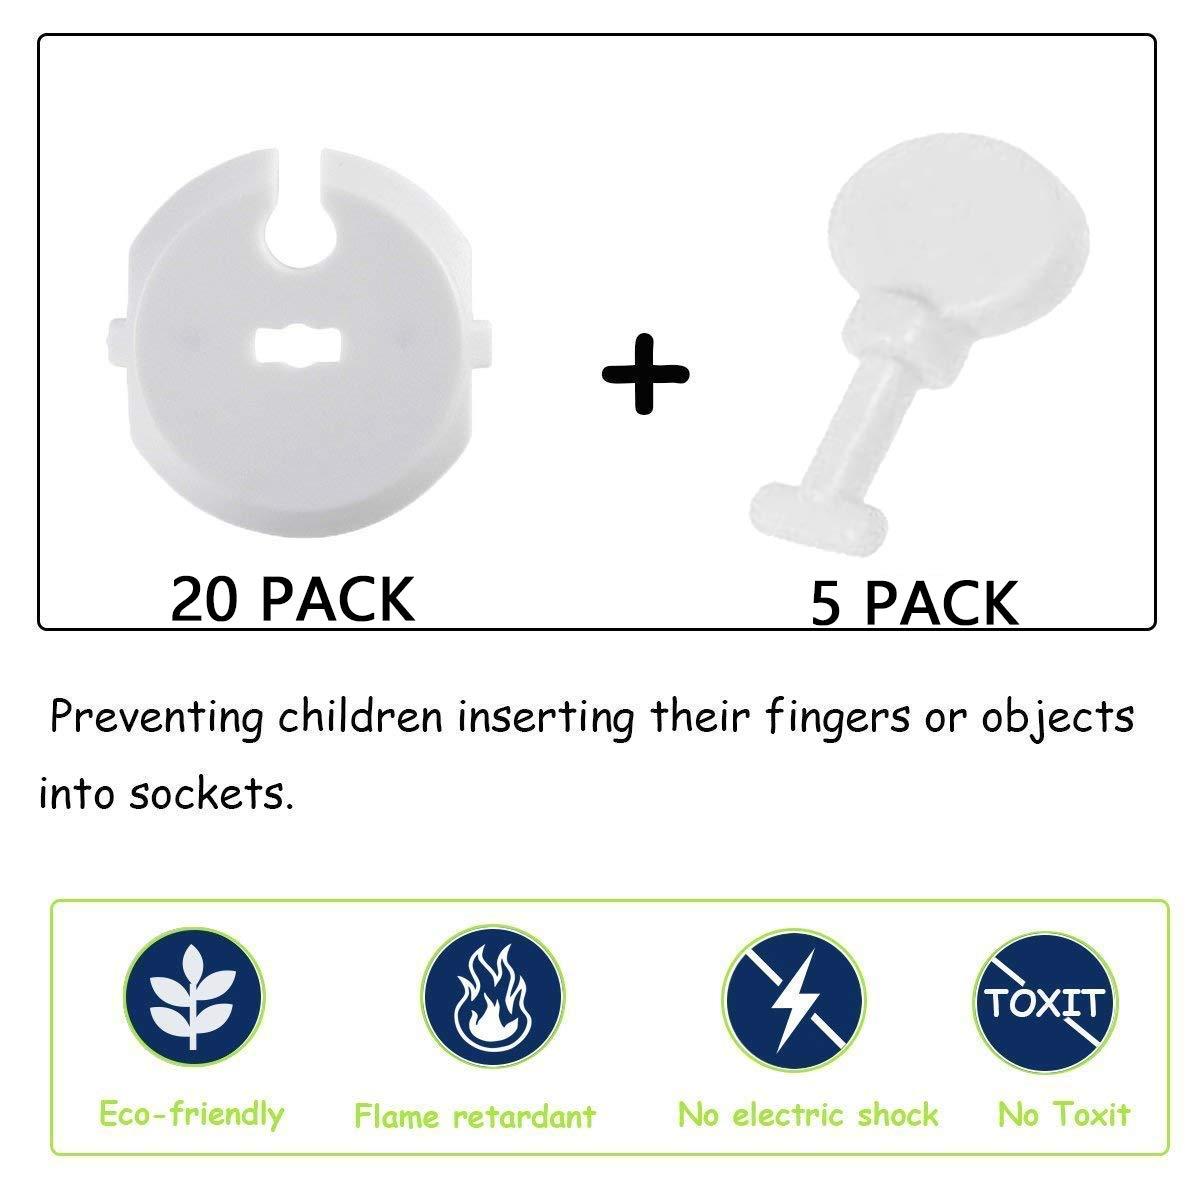 Wemk 4xTischeckenschutz und 25x Steckdosensicherung Sch/ützen Sie ihr Kind und Baby Tischeckenschutz und Kindersicherung f/ür Steckdose Leicht anzubringen